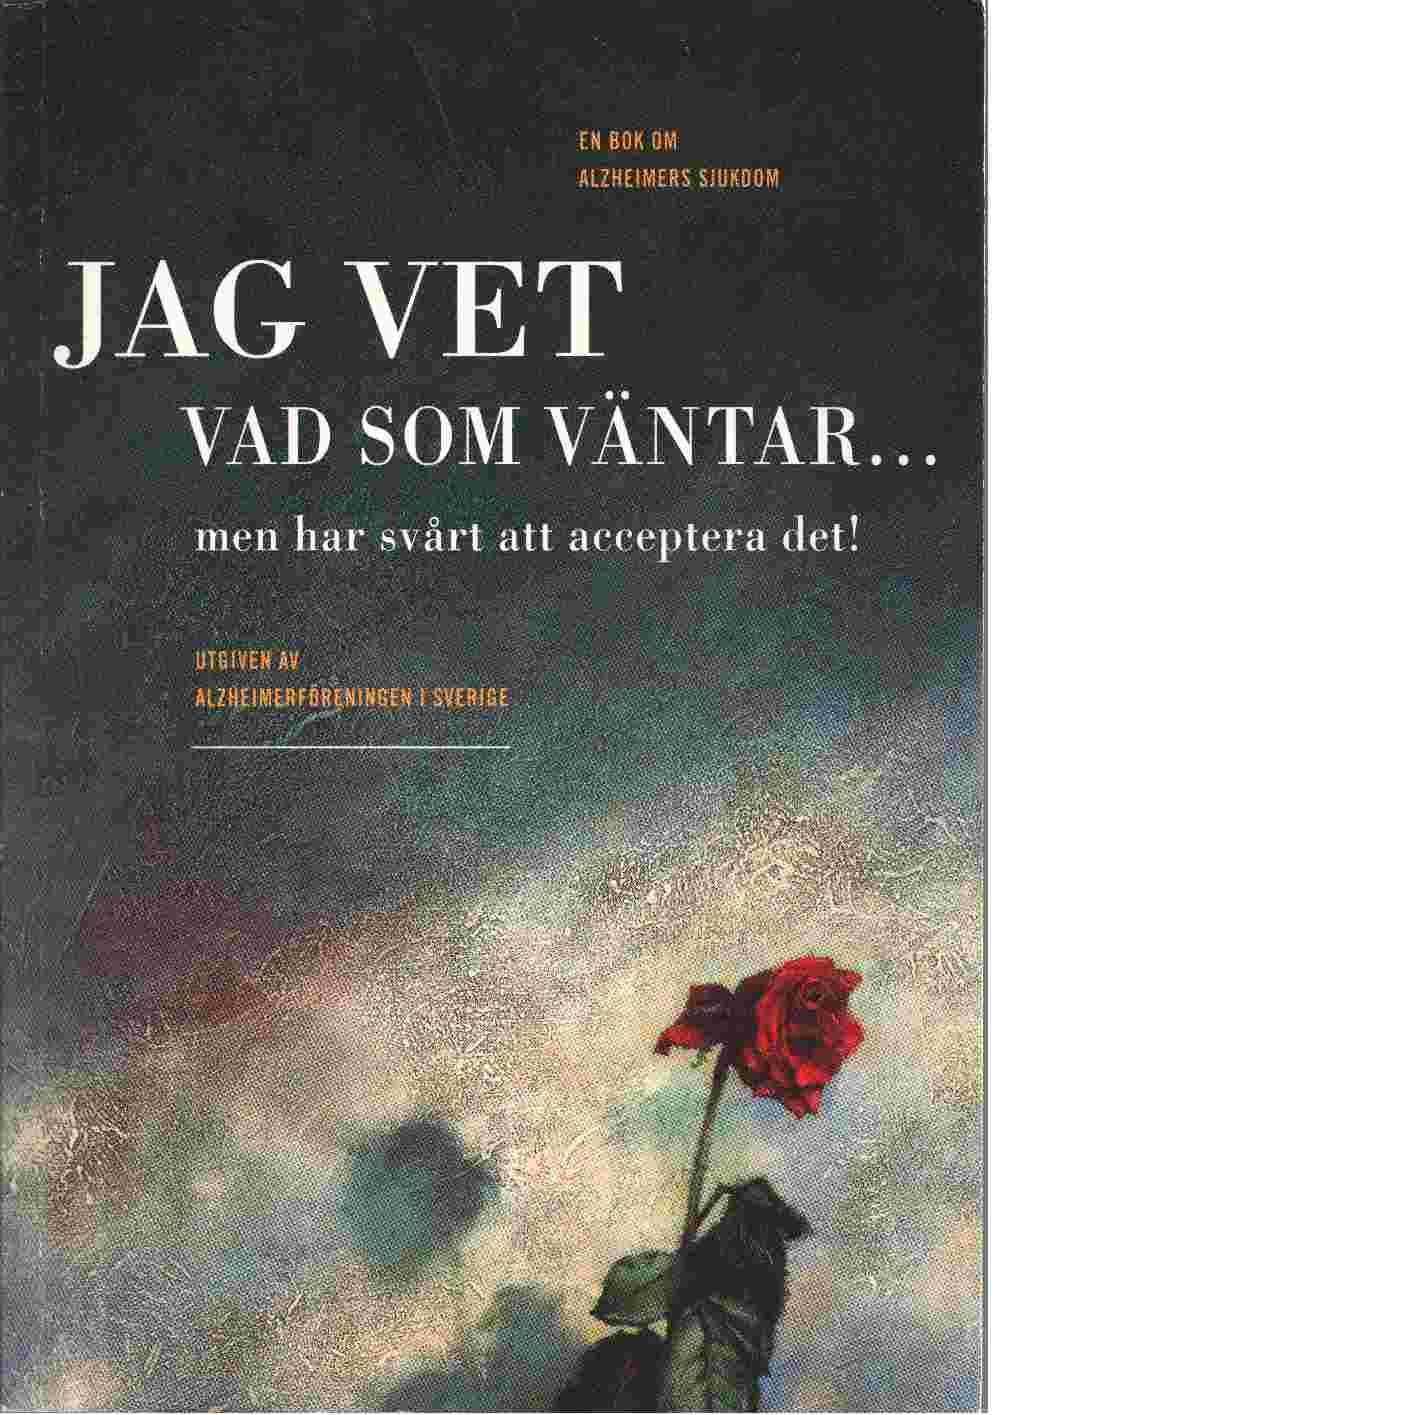 Jag vet vad som väntar, men har svårt att acceptera det! - Brandt, Anders och Sahlin, Håkan samt Svensson, Anette